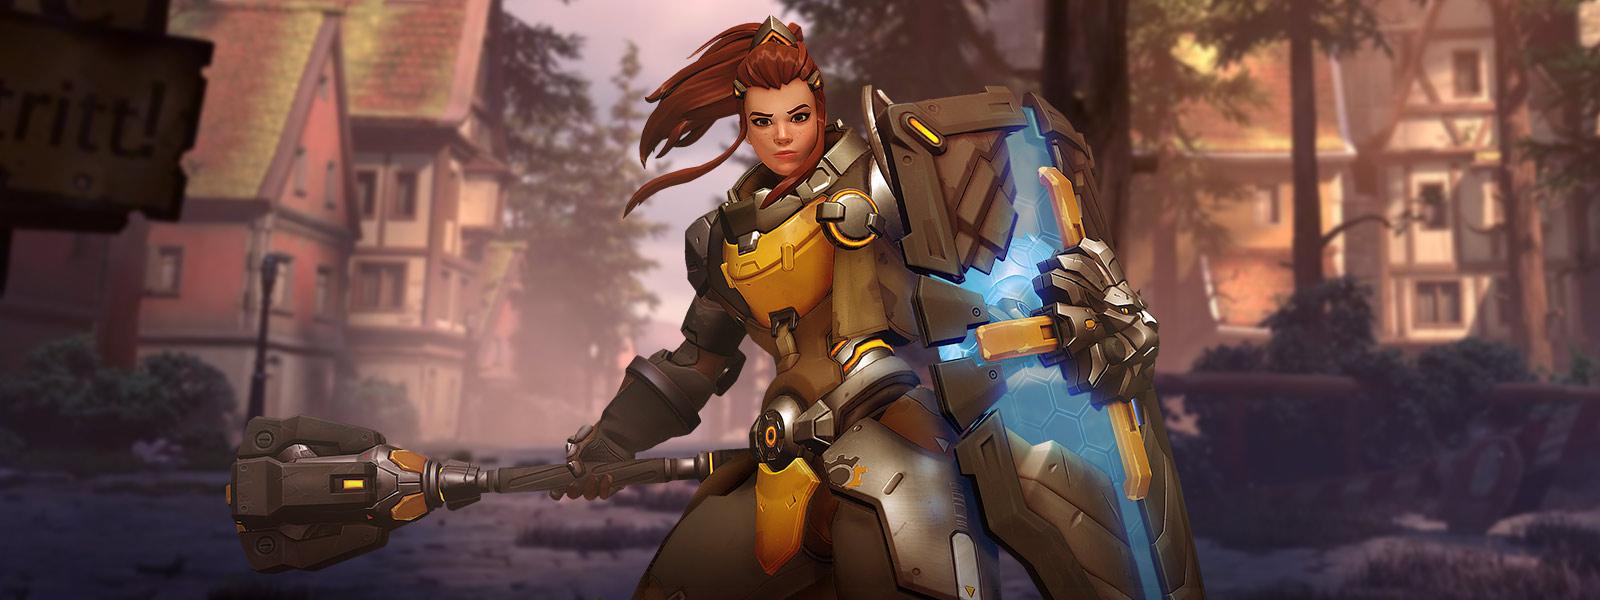 Vista frontal del personaje Brigitte que sostiene un mangual y escudo